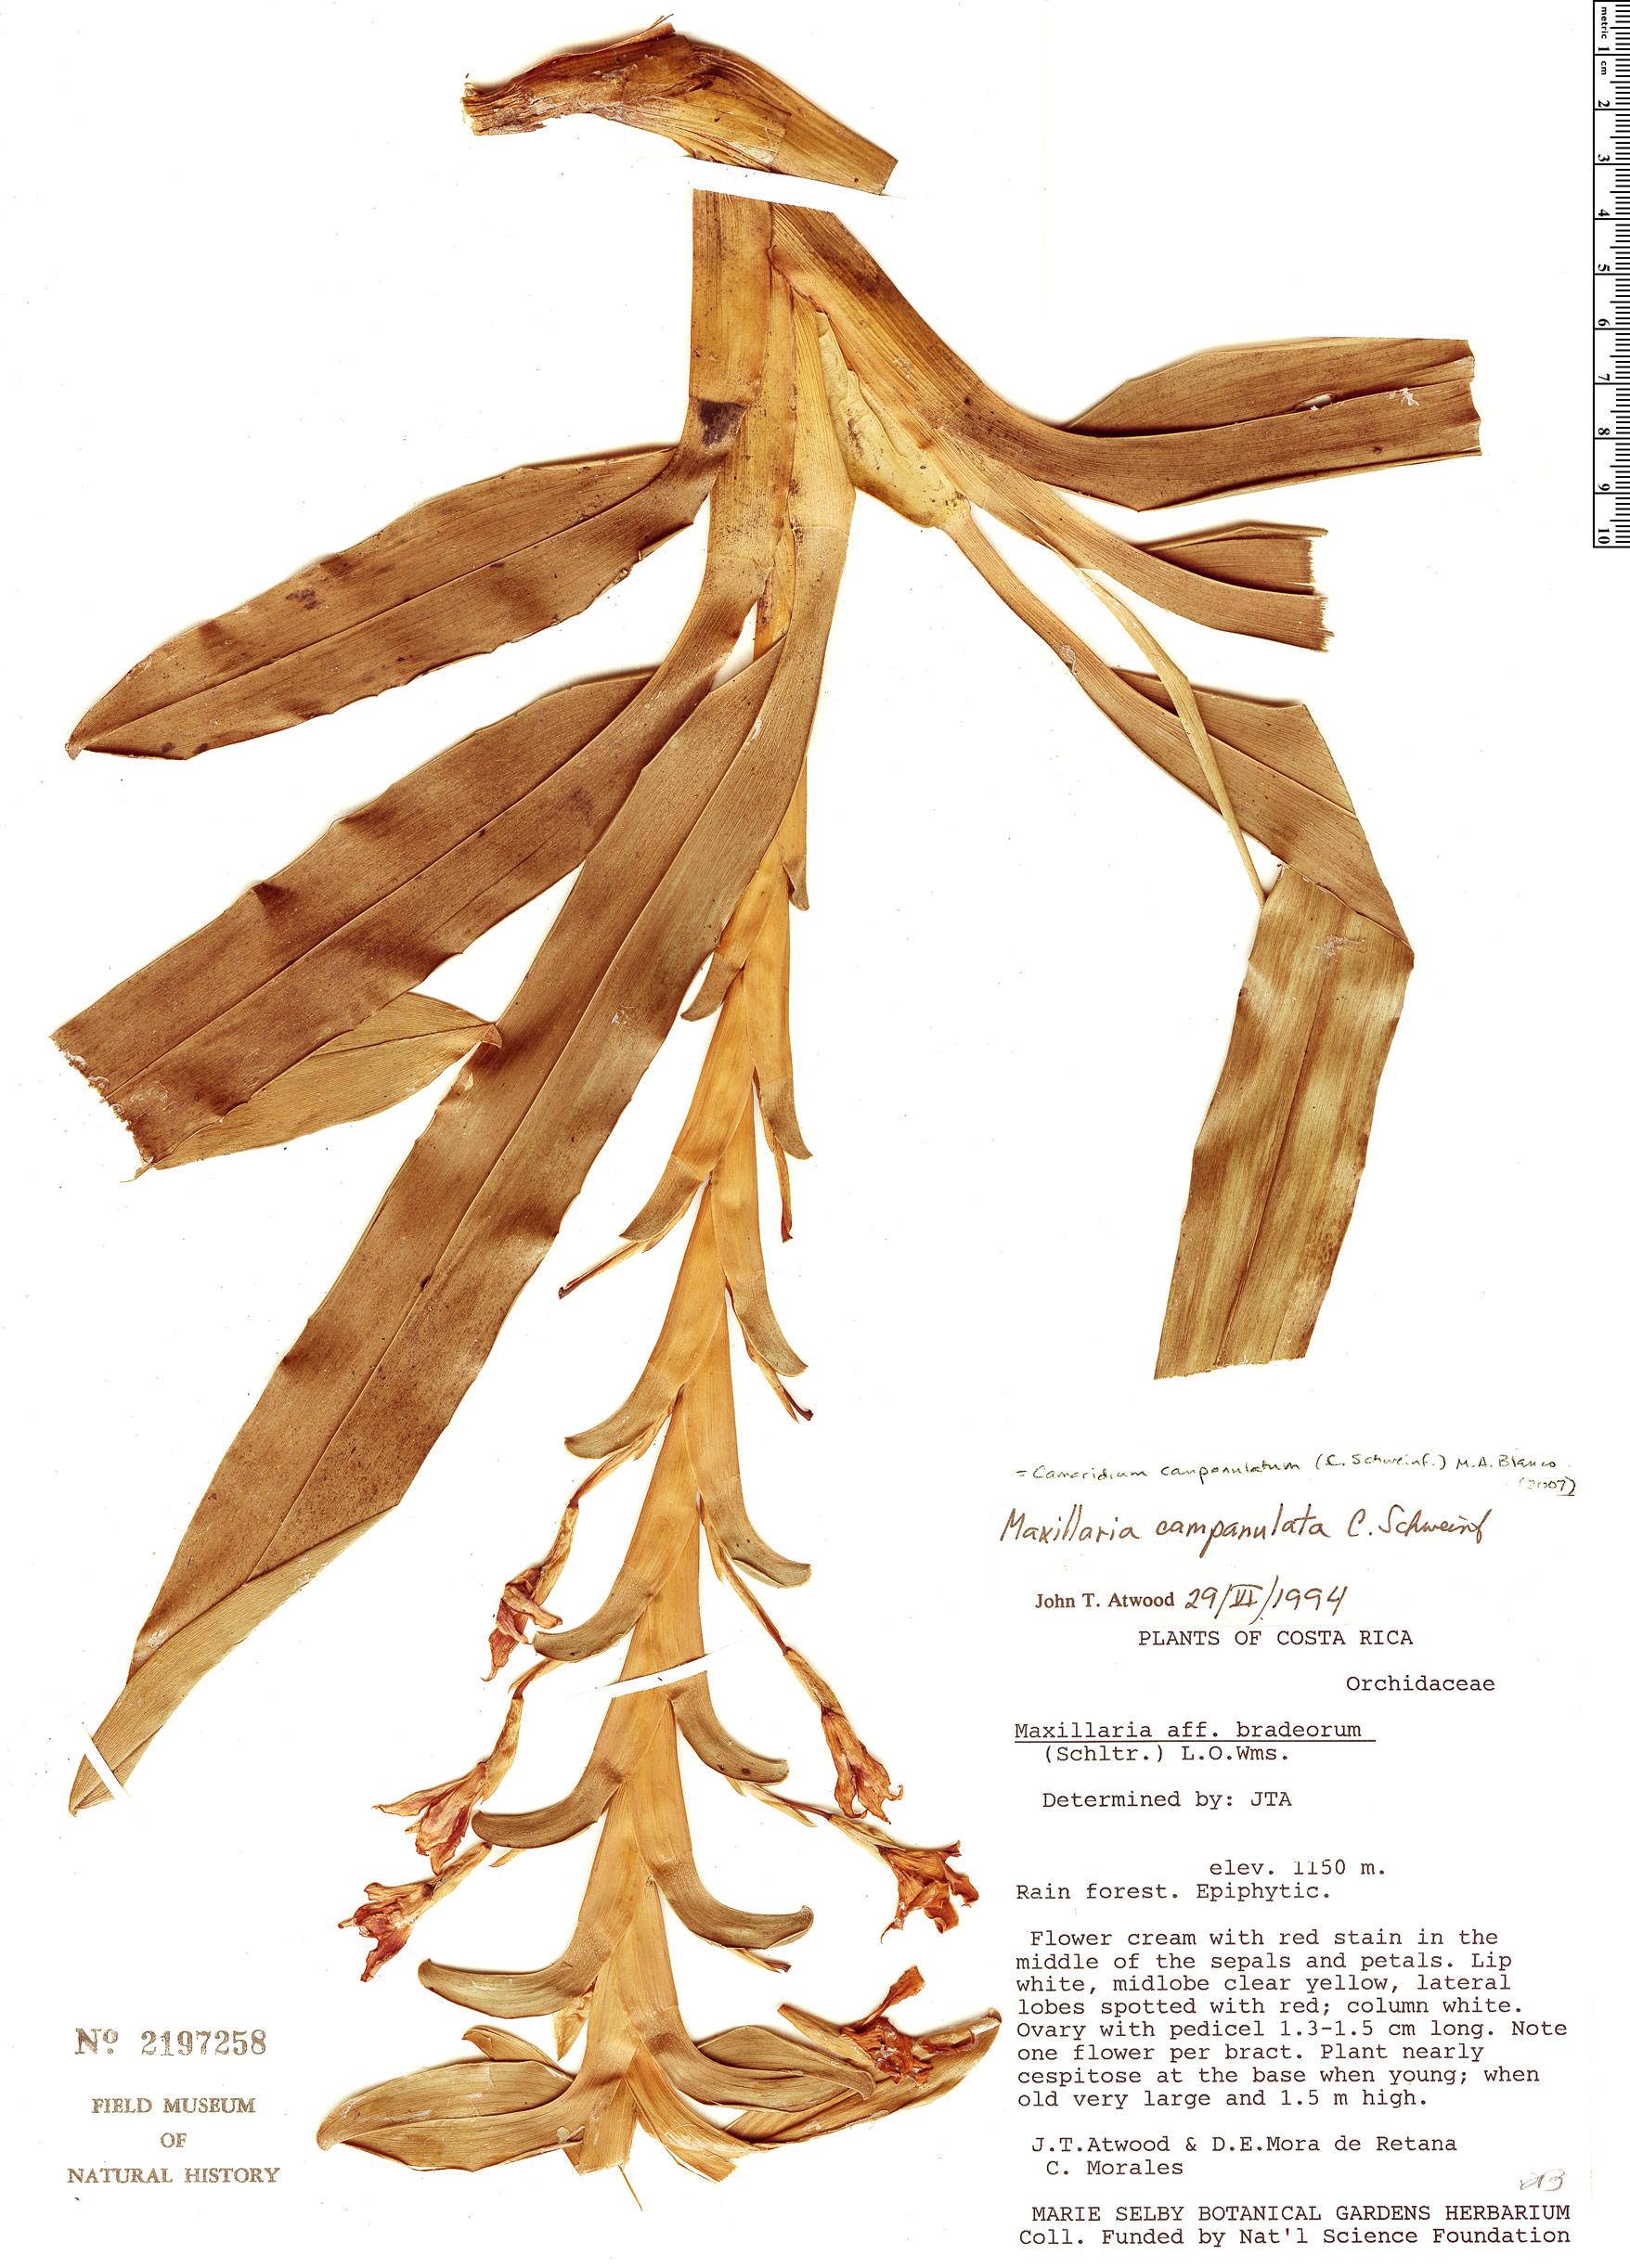 Specimen: Maxillaria campanulata